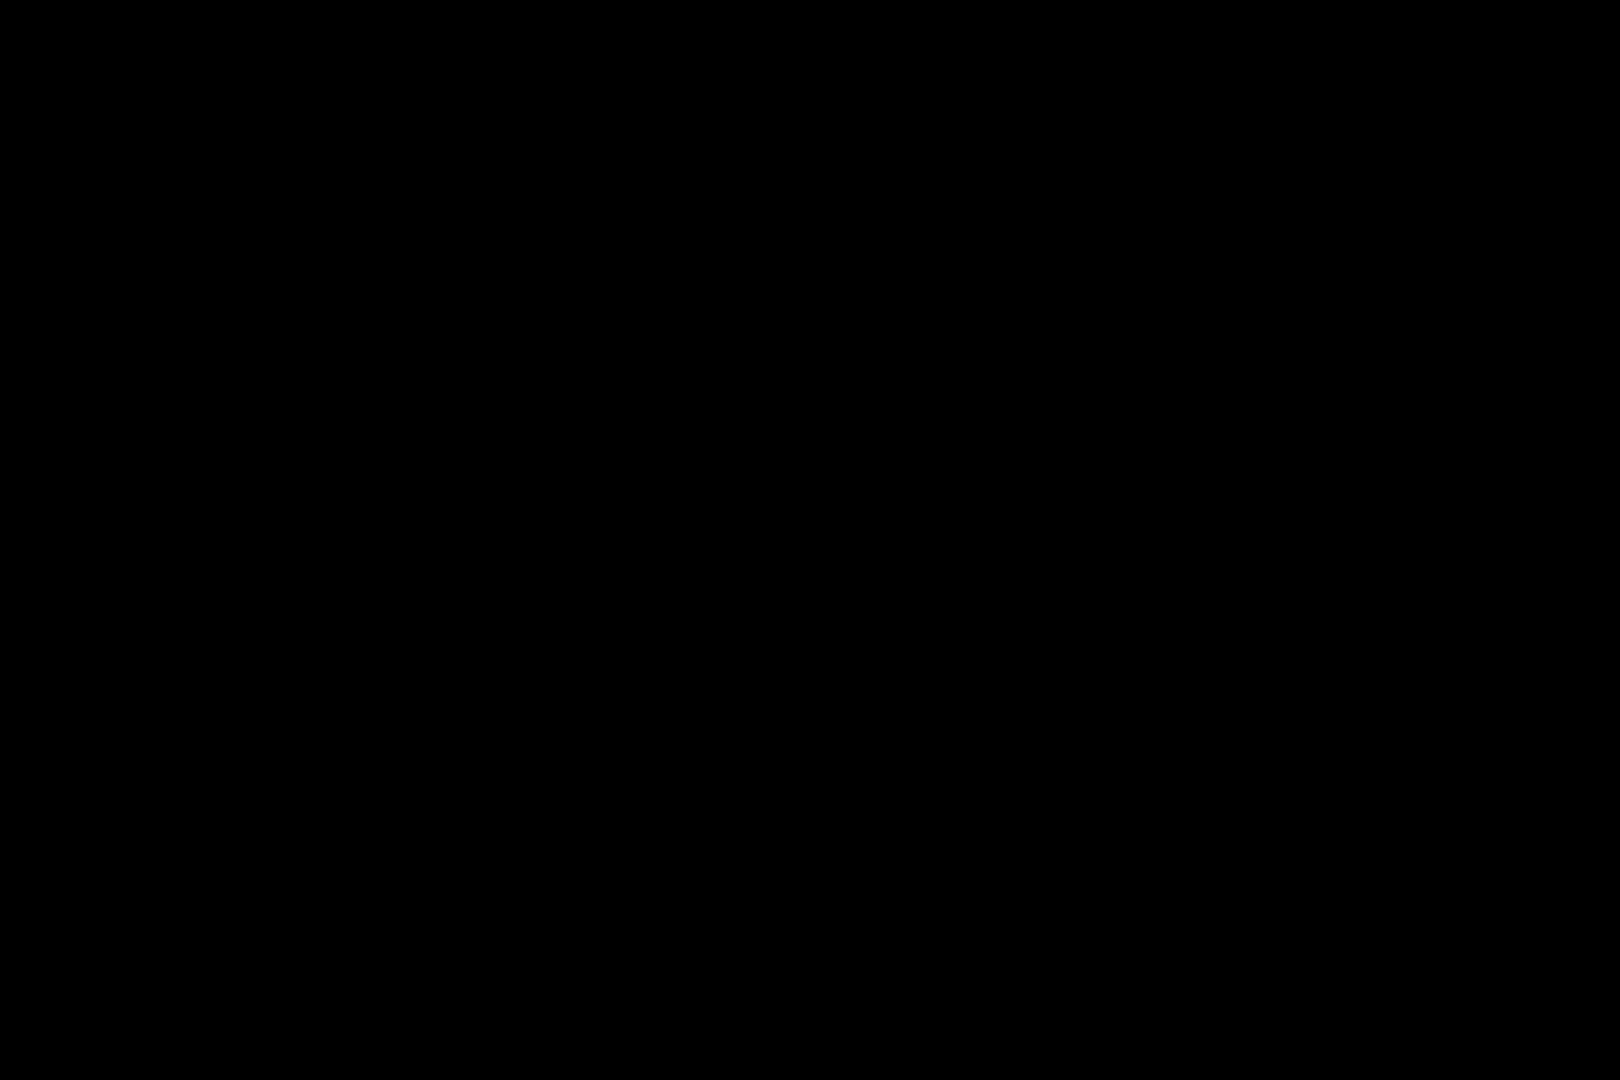 和式にまたがる女たちを待ちうけるカメラの衝撃映像vol.04 黄金水   盗撮  48pic 14